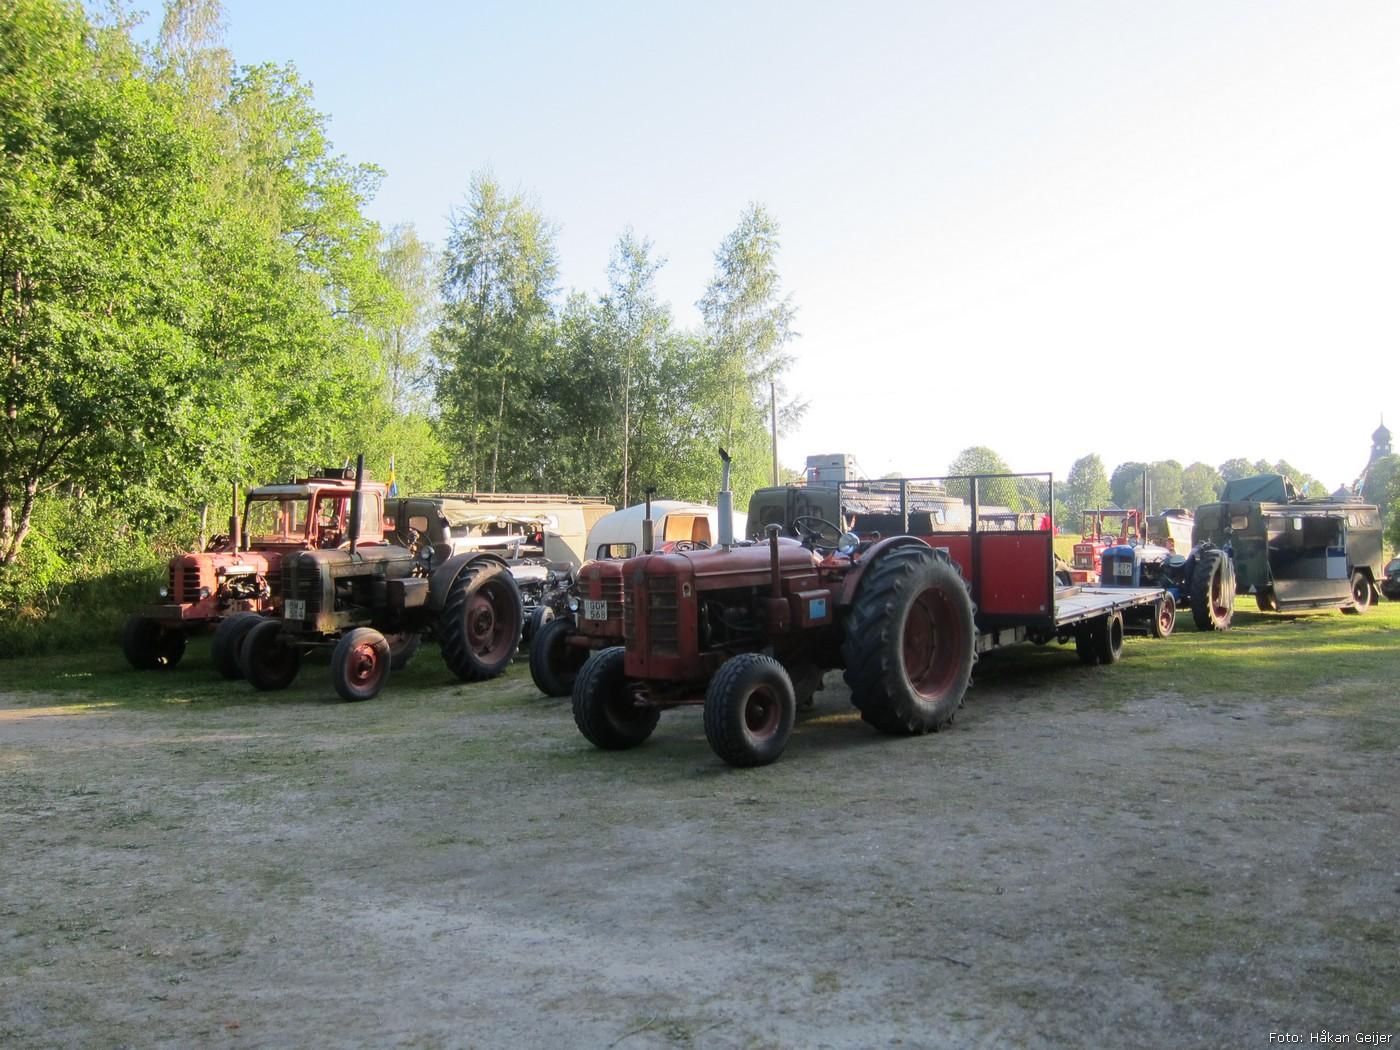 2012-07-27_69_Traktorresa